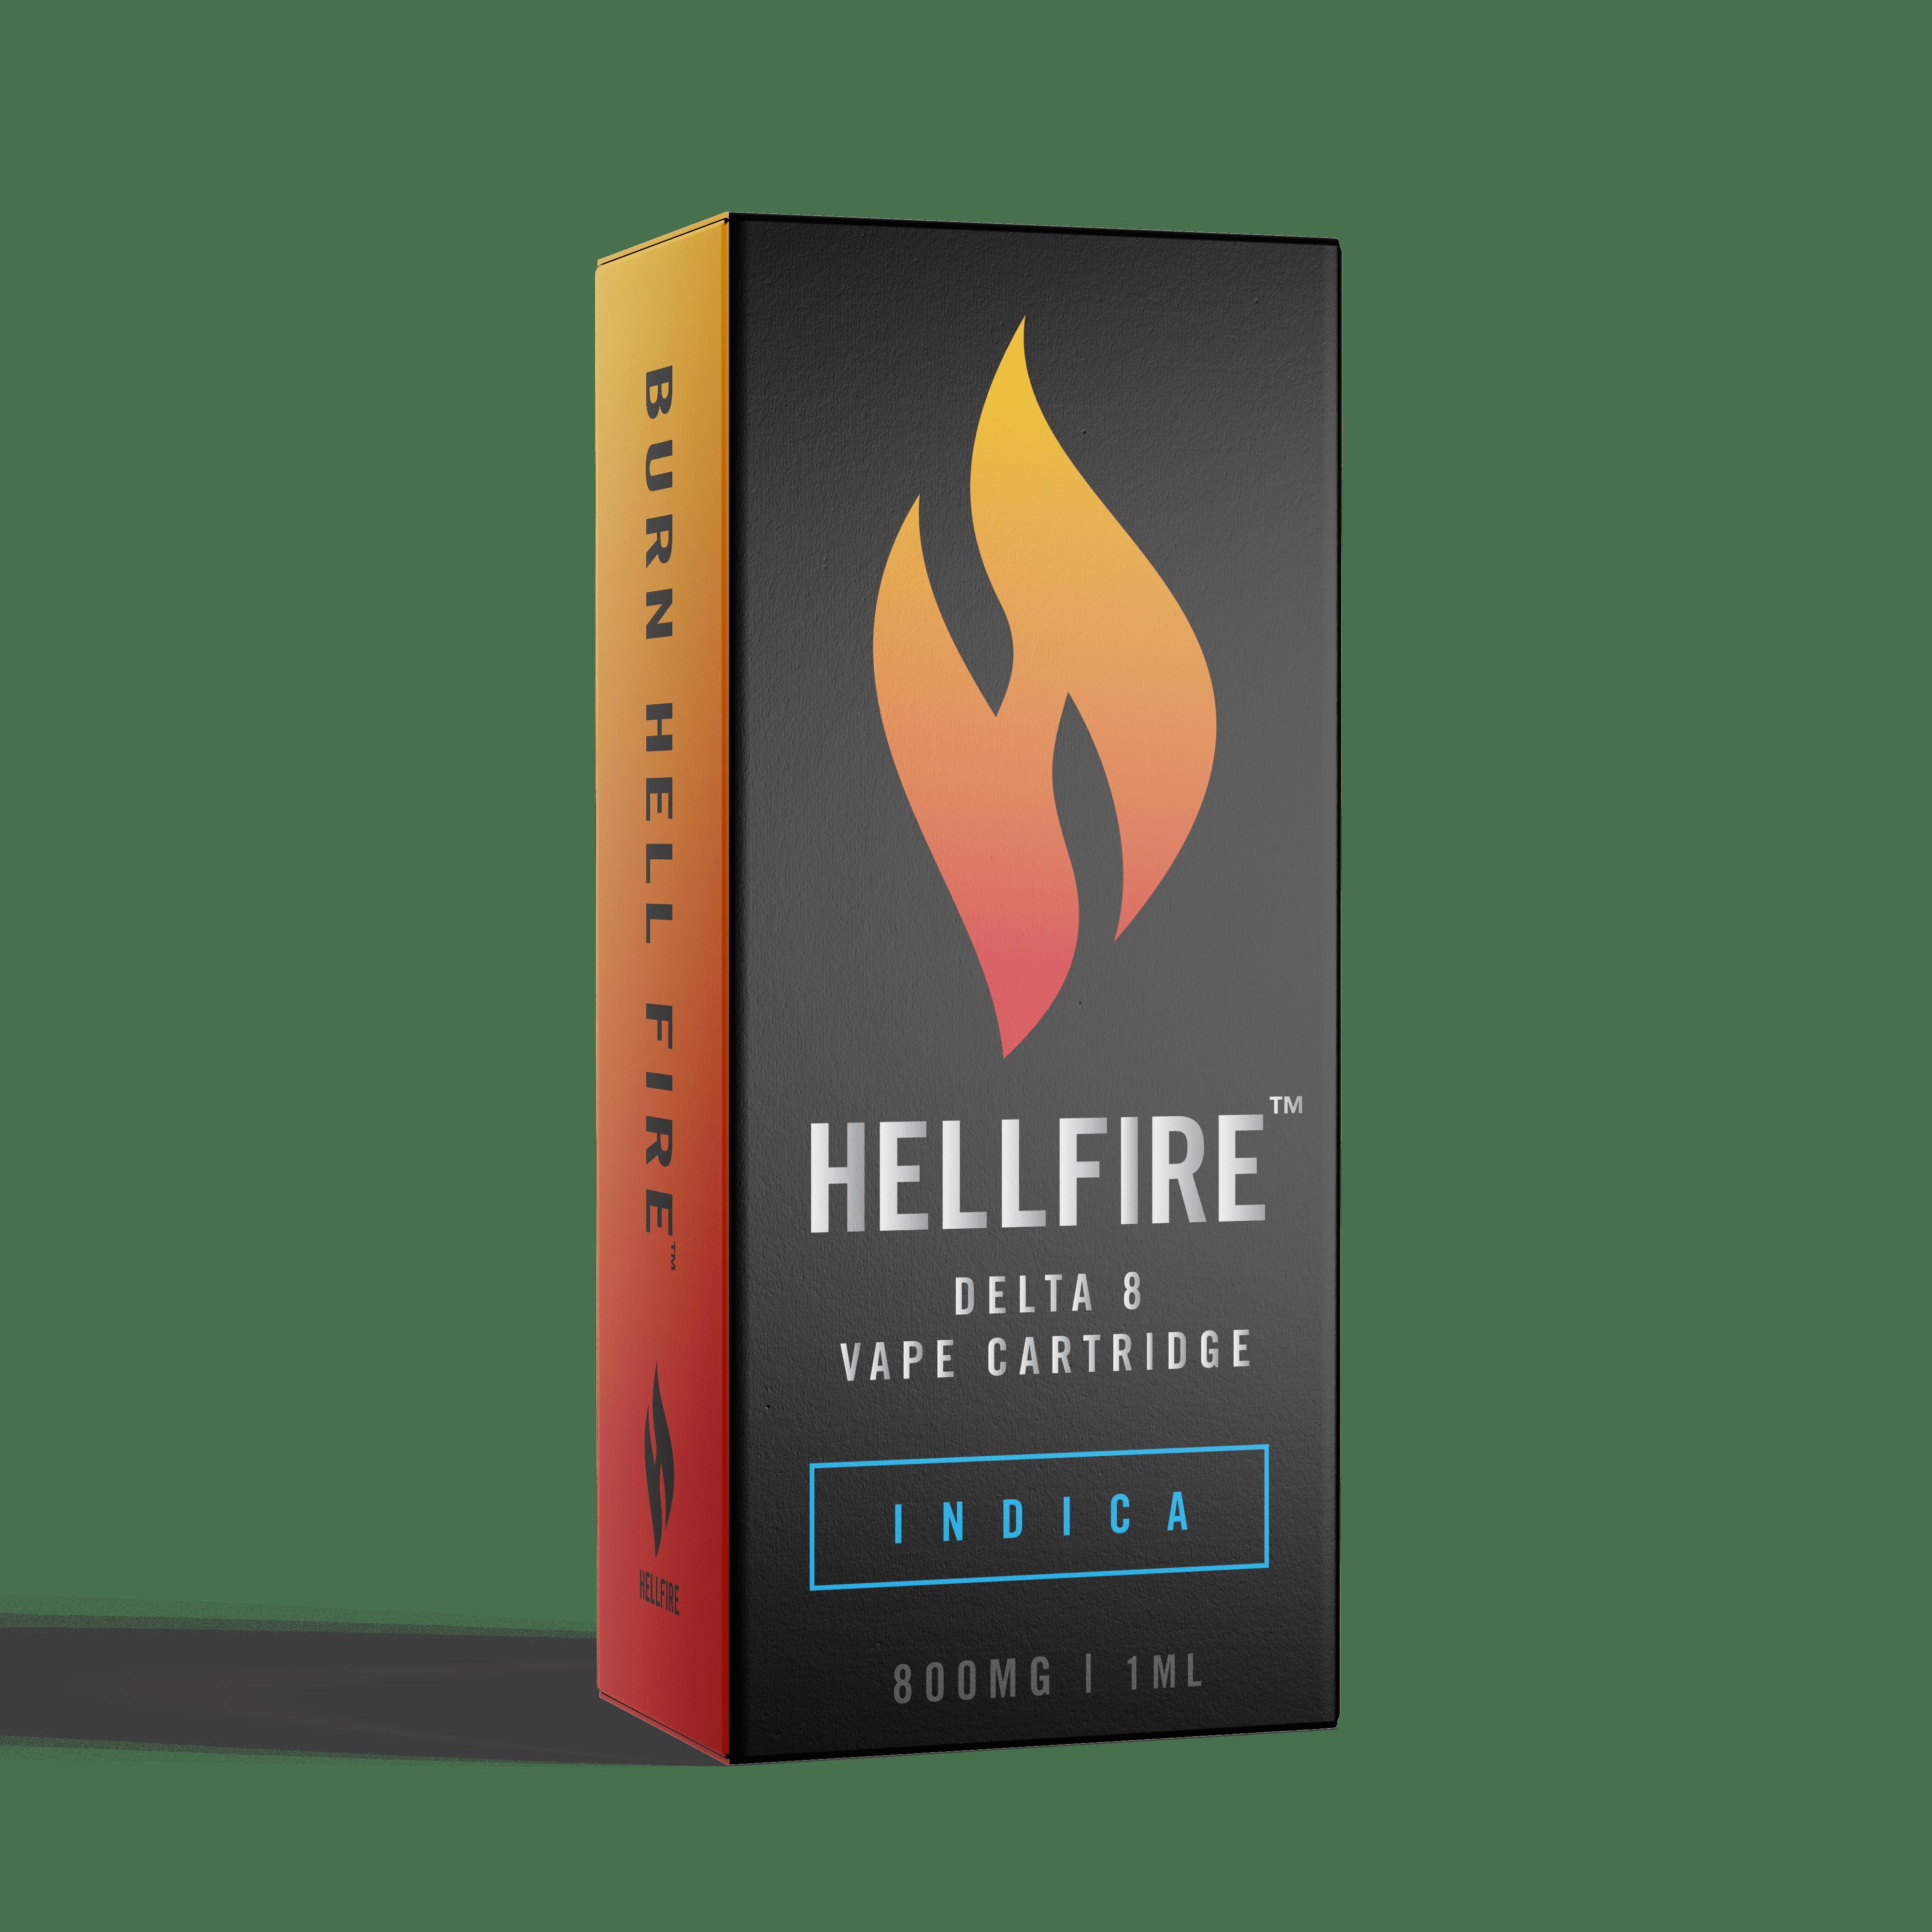 Hellfire D8 Vape Cartridges - Indica